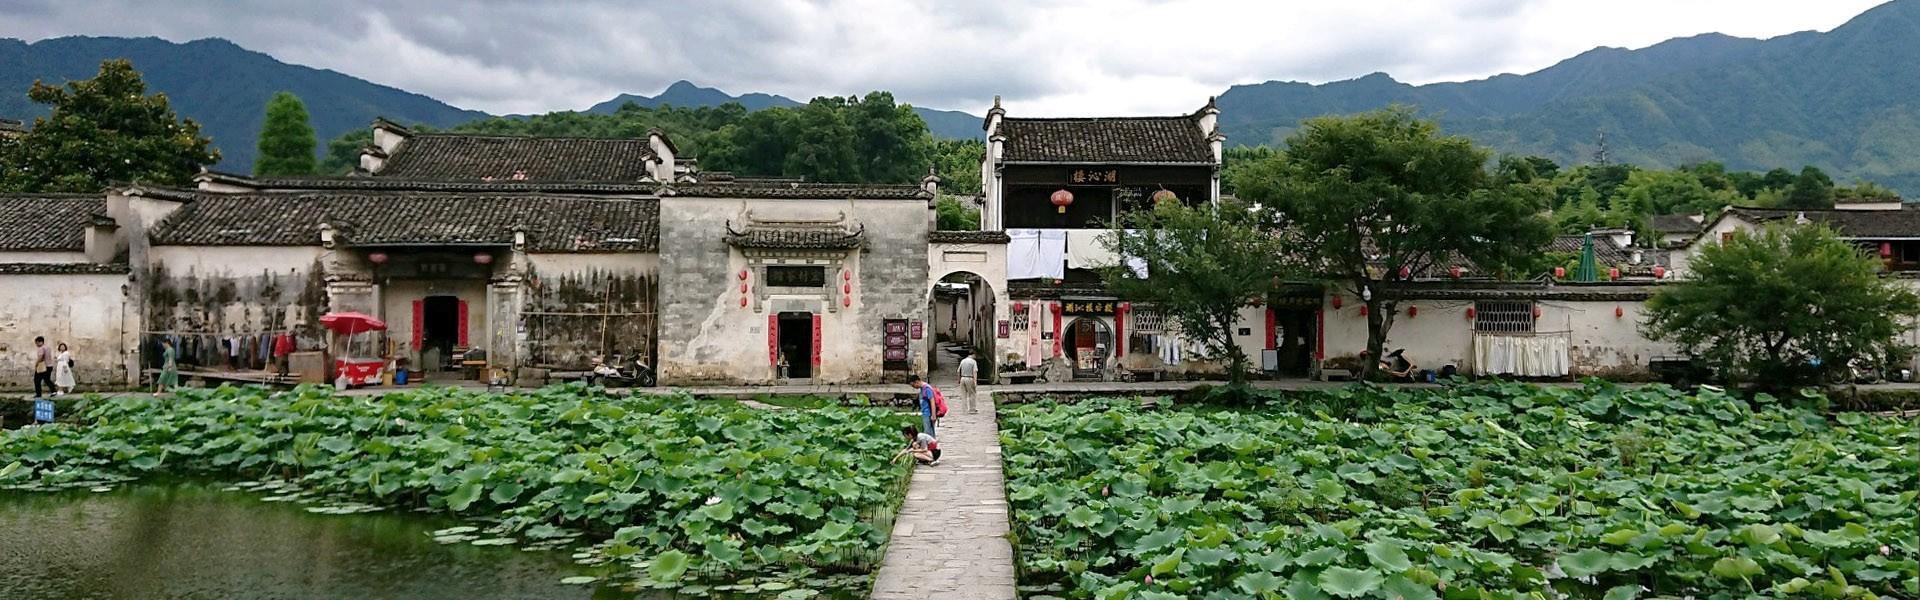 HuizhouVillage'1920x600'1